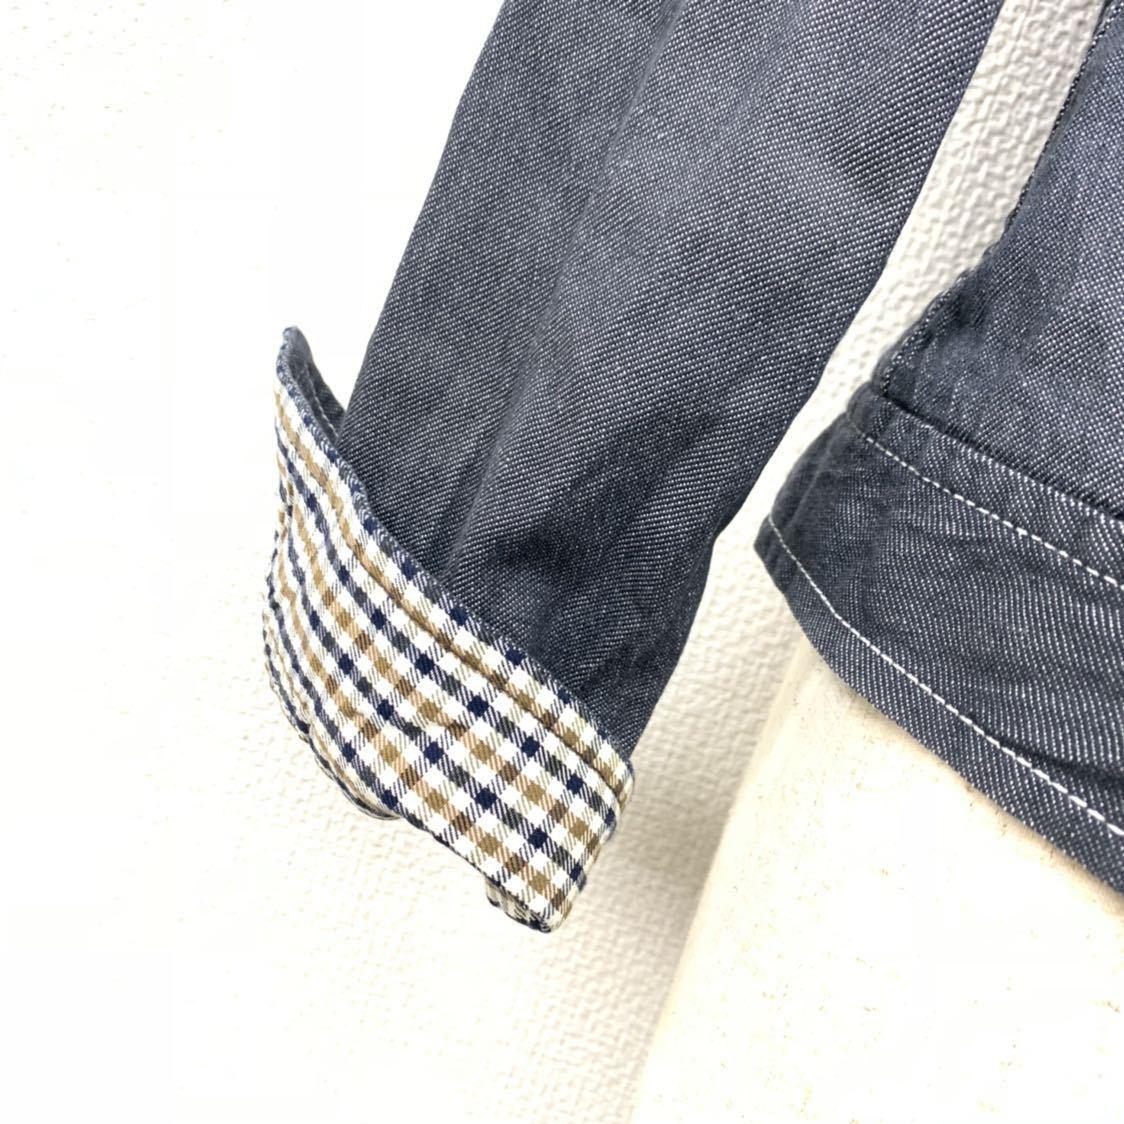 高級 アクアスキュータム Apuascutum セットアップ デニム地 上下 スーツ ジャケット スカート グレー 9 レディース (株)レナウン_画像7